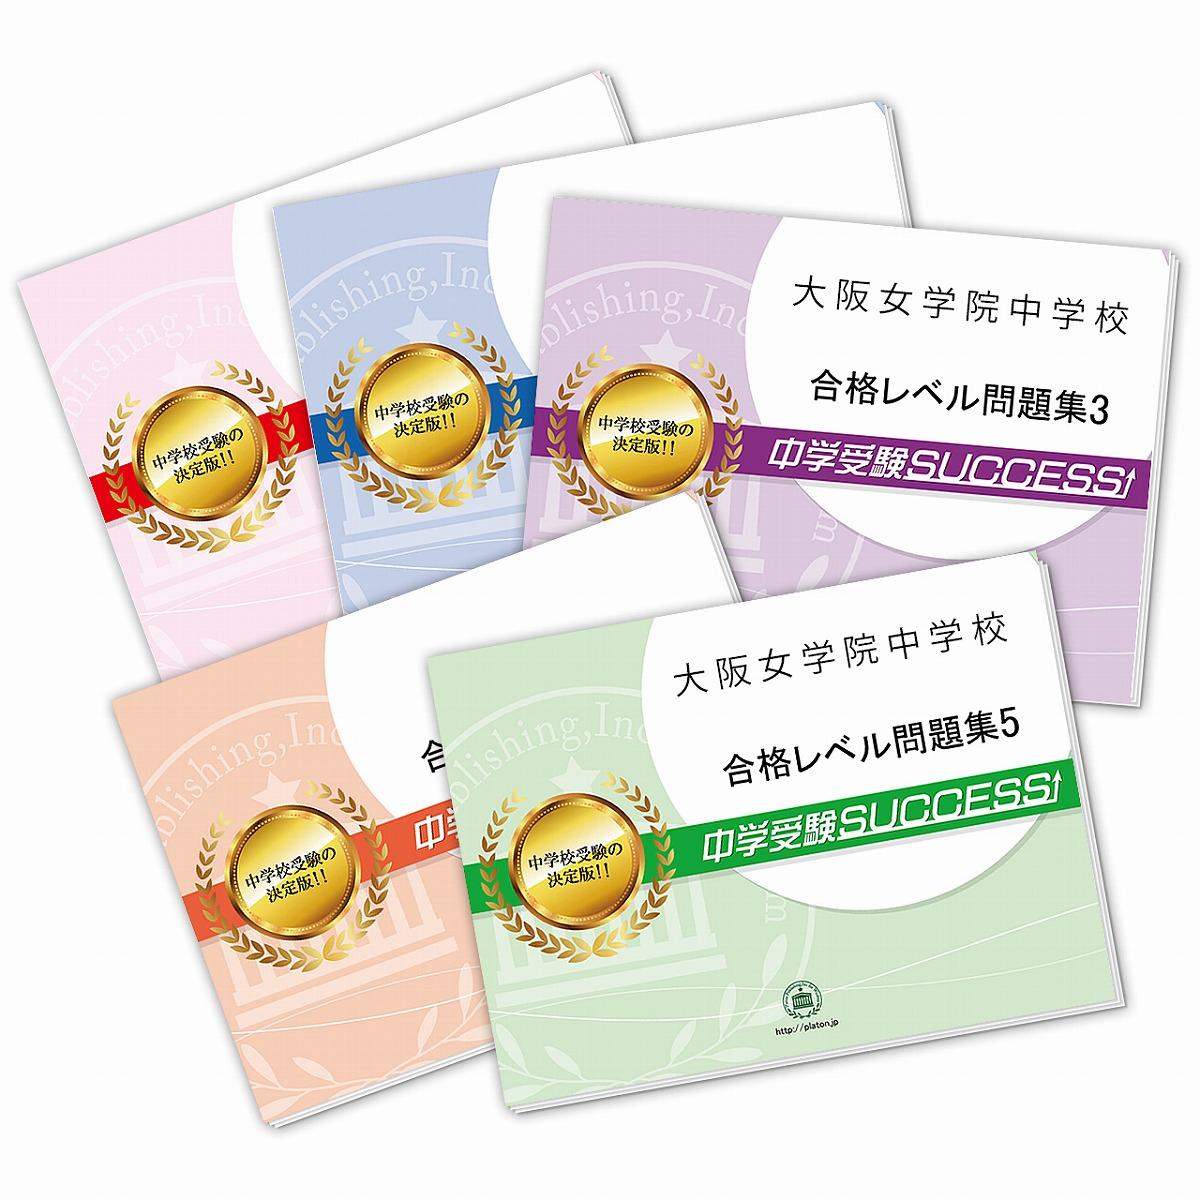 【送料・代引手数料無料】大阪女学院中学校・直前対策合格セット(5冊)